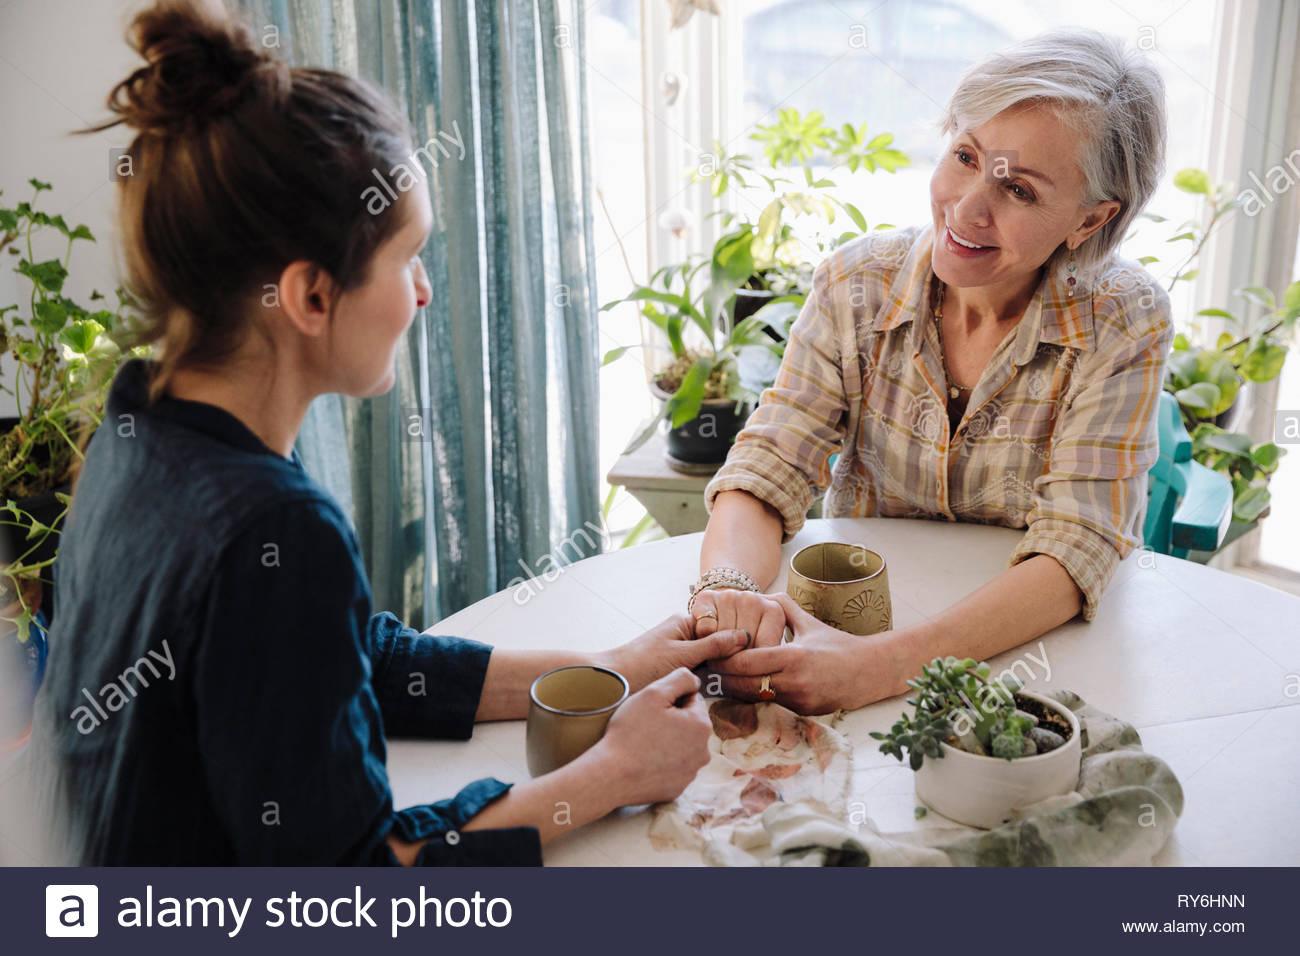 Mère et fille se tenant la main et de boire du café à table Photo Stock